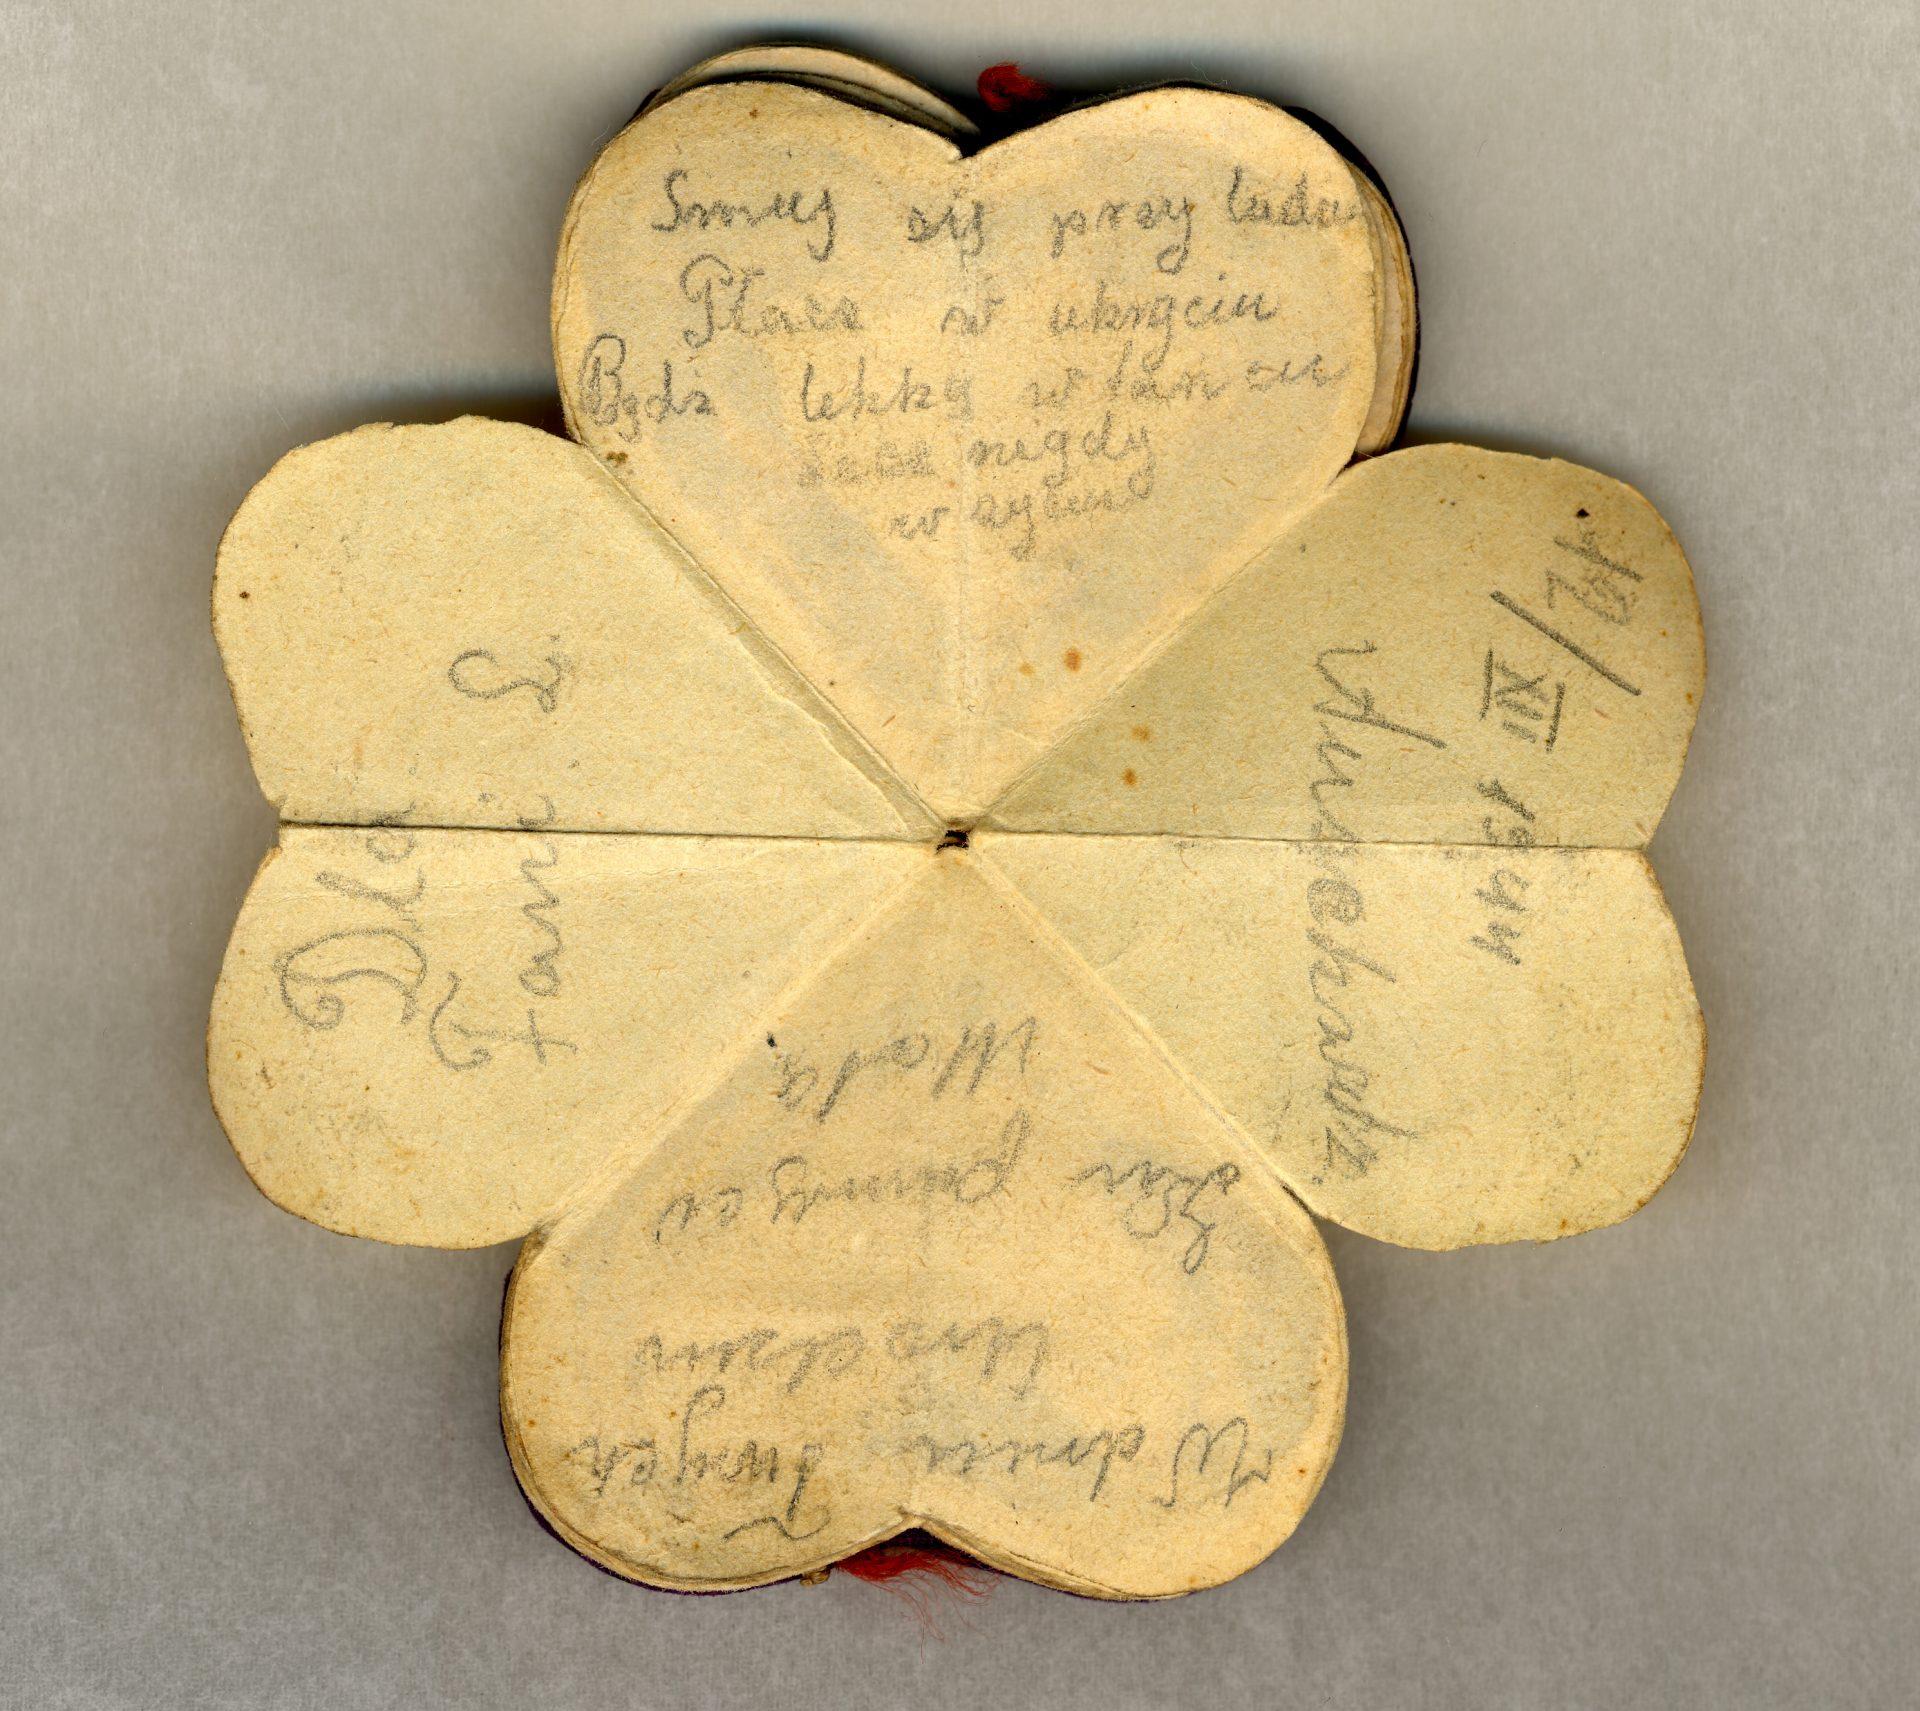 «Pour Fani L. Rie parmi les gens, pleure en cachette, Soit légère dans la danse, mais jamais dans la vie. Le jour de ton anniversaire, pour se souvenir», écrit par Mala dans le coeur d'Auschwitz, 12/XII/1944.